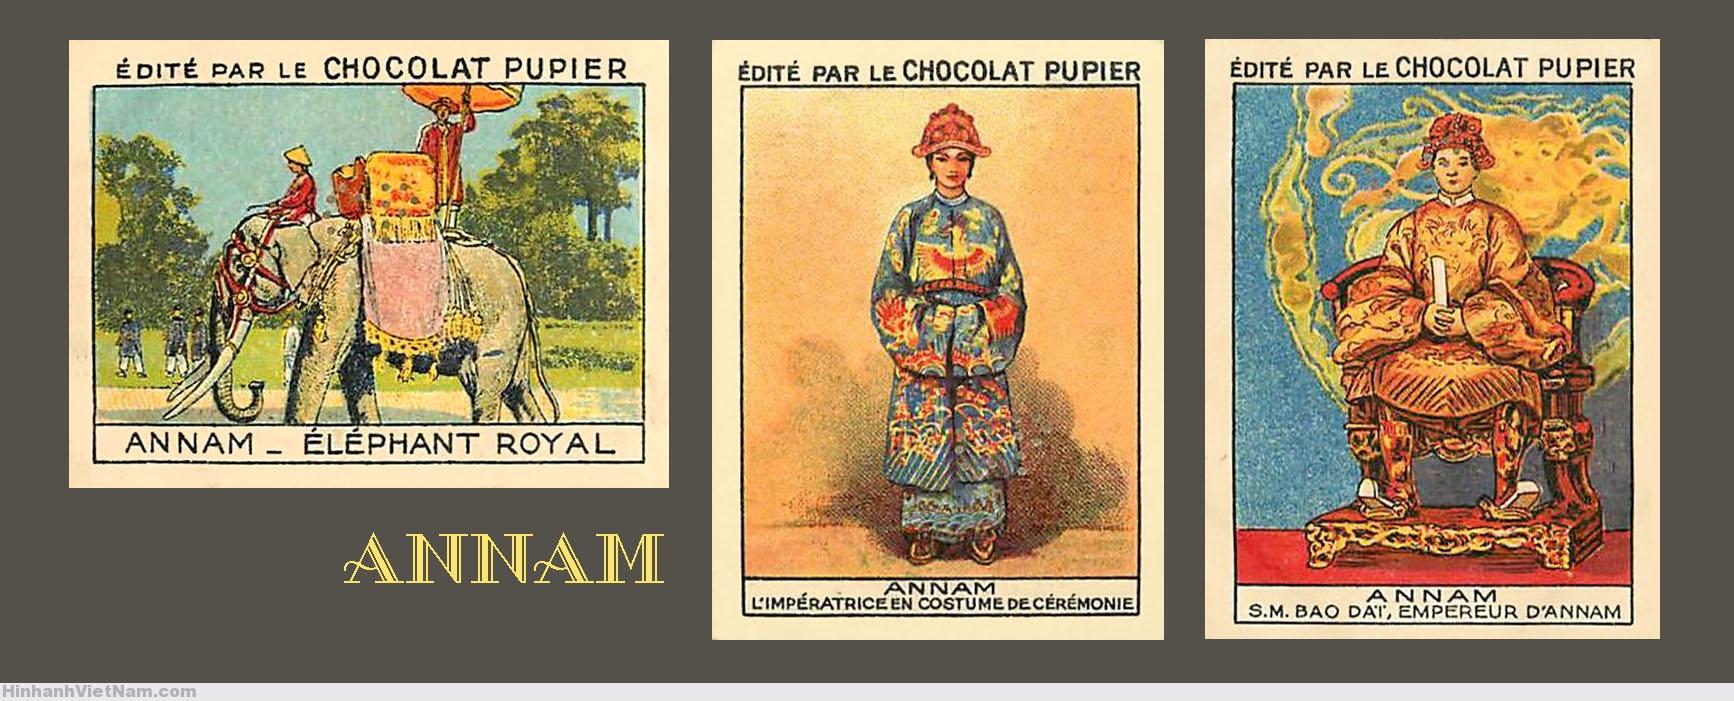 ANNAM – TRUNG KỲ – Voi của vua – Hoàng hậu Annam trong lễ phục – Hoàng đế Annam Bảo Đại